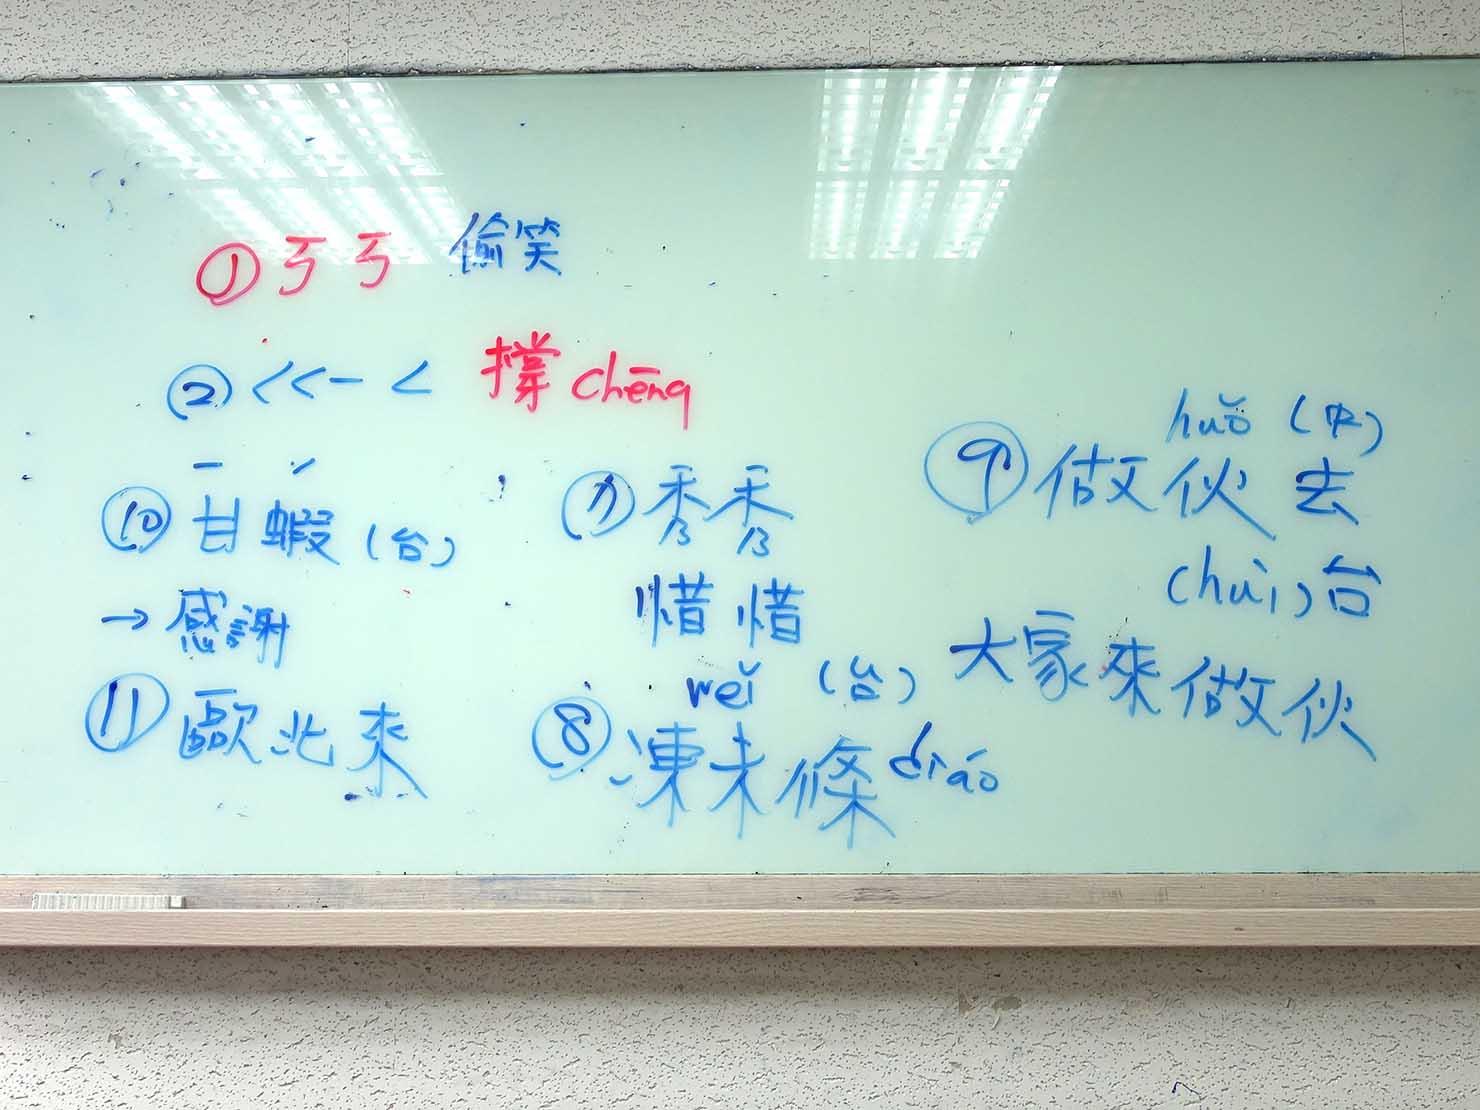 「ジオス台湾(GEOS)」のトピックレッスン中のホワイトボード(台湾語・流行語)